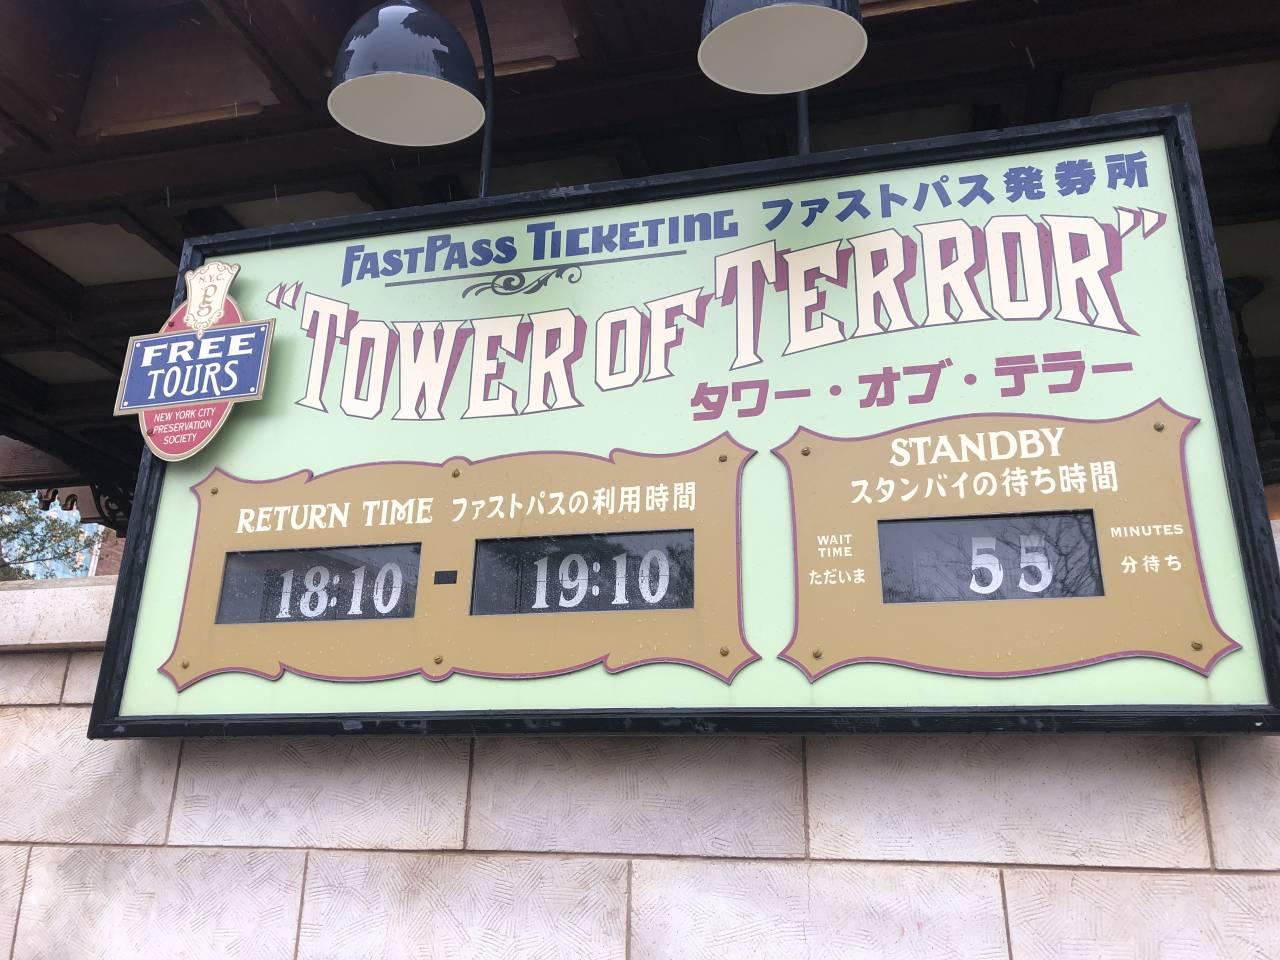 タワー・オブ・テラーのFP発券状況